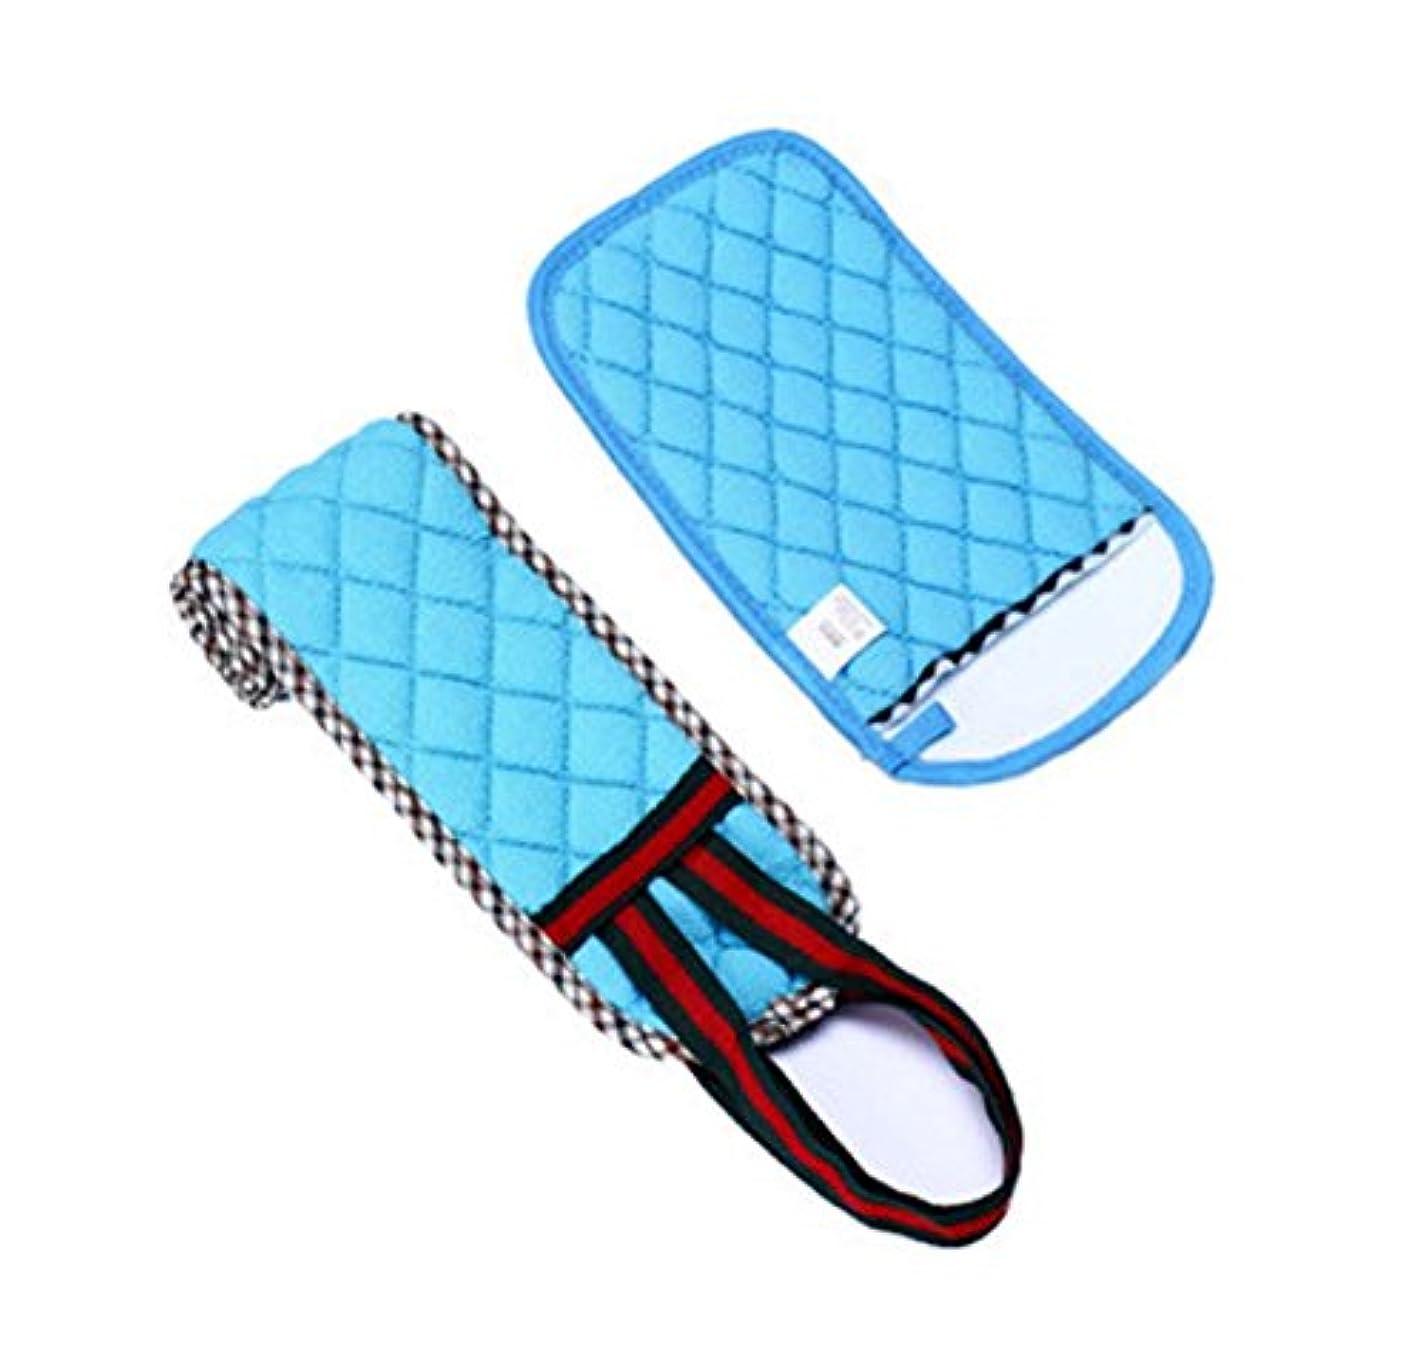 ソーセージ処理申し立てられた2プルバックロングバスタオル/ラブマッドアダルト手袋セット、ブルー